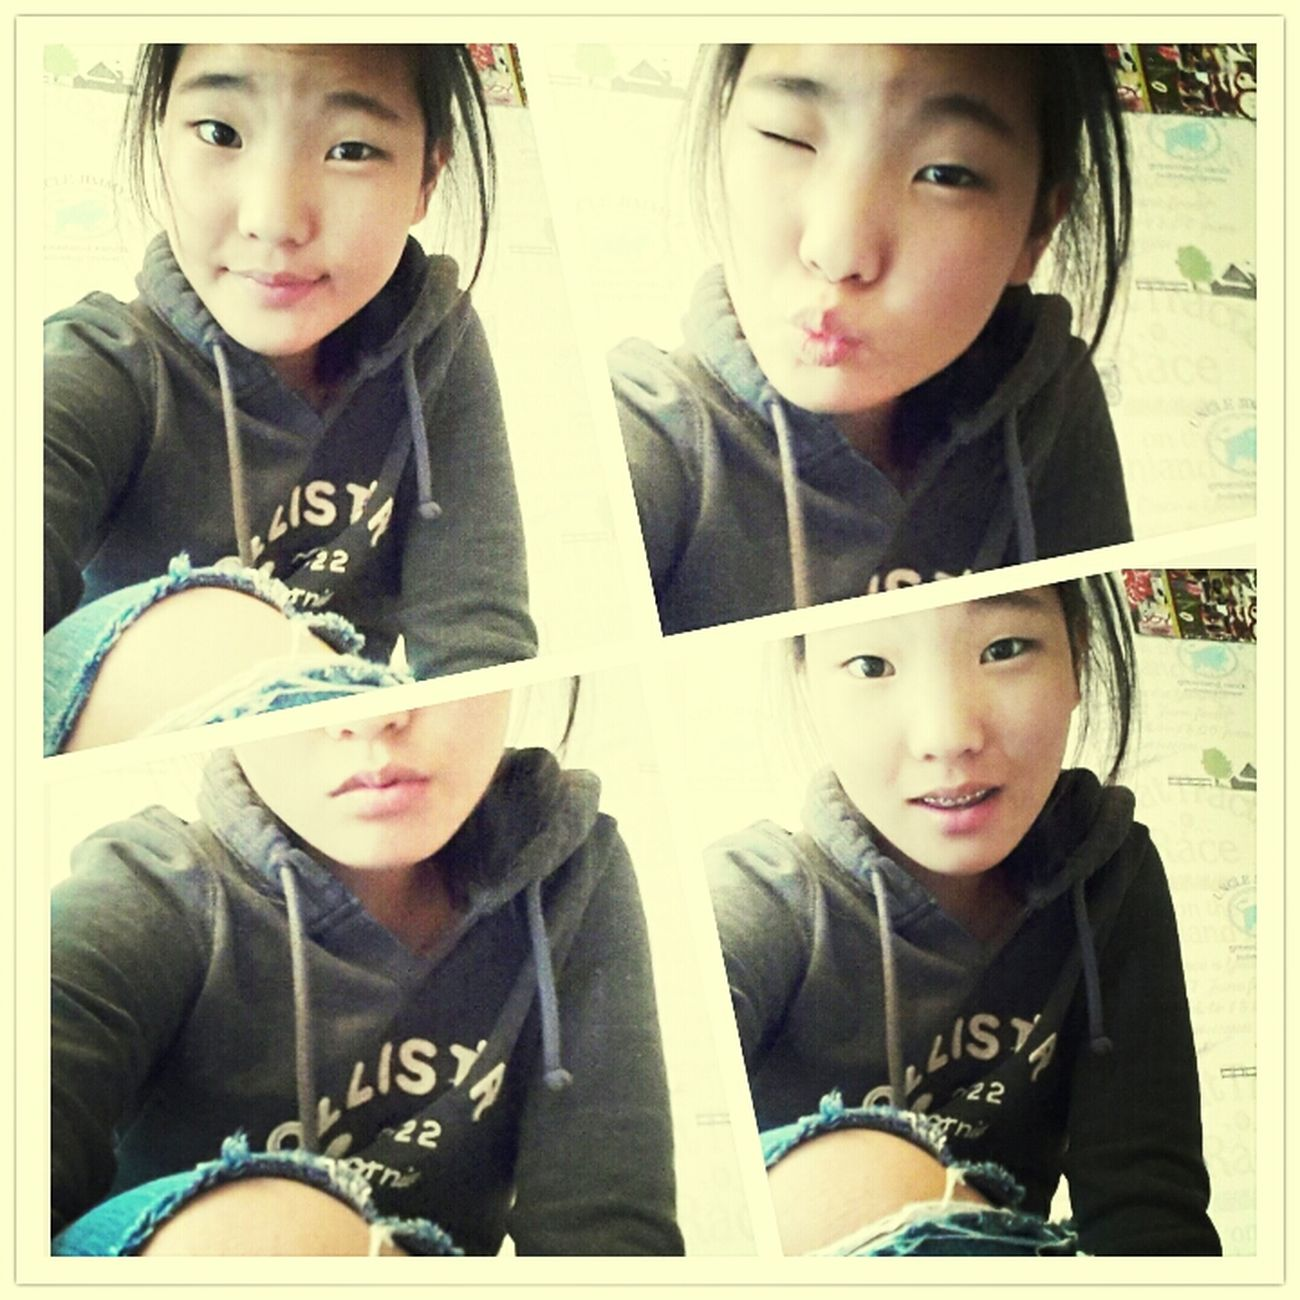 #chilling#boring#wednesday#hollister#pullover#abercrombie#jeans#me#korean#asian#girl♡